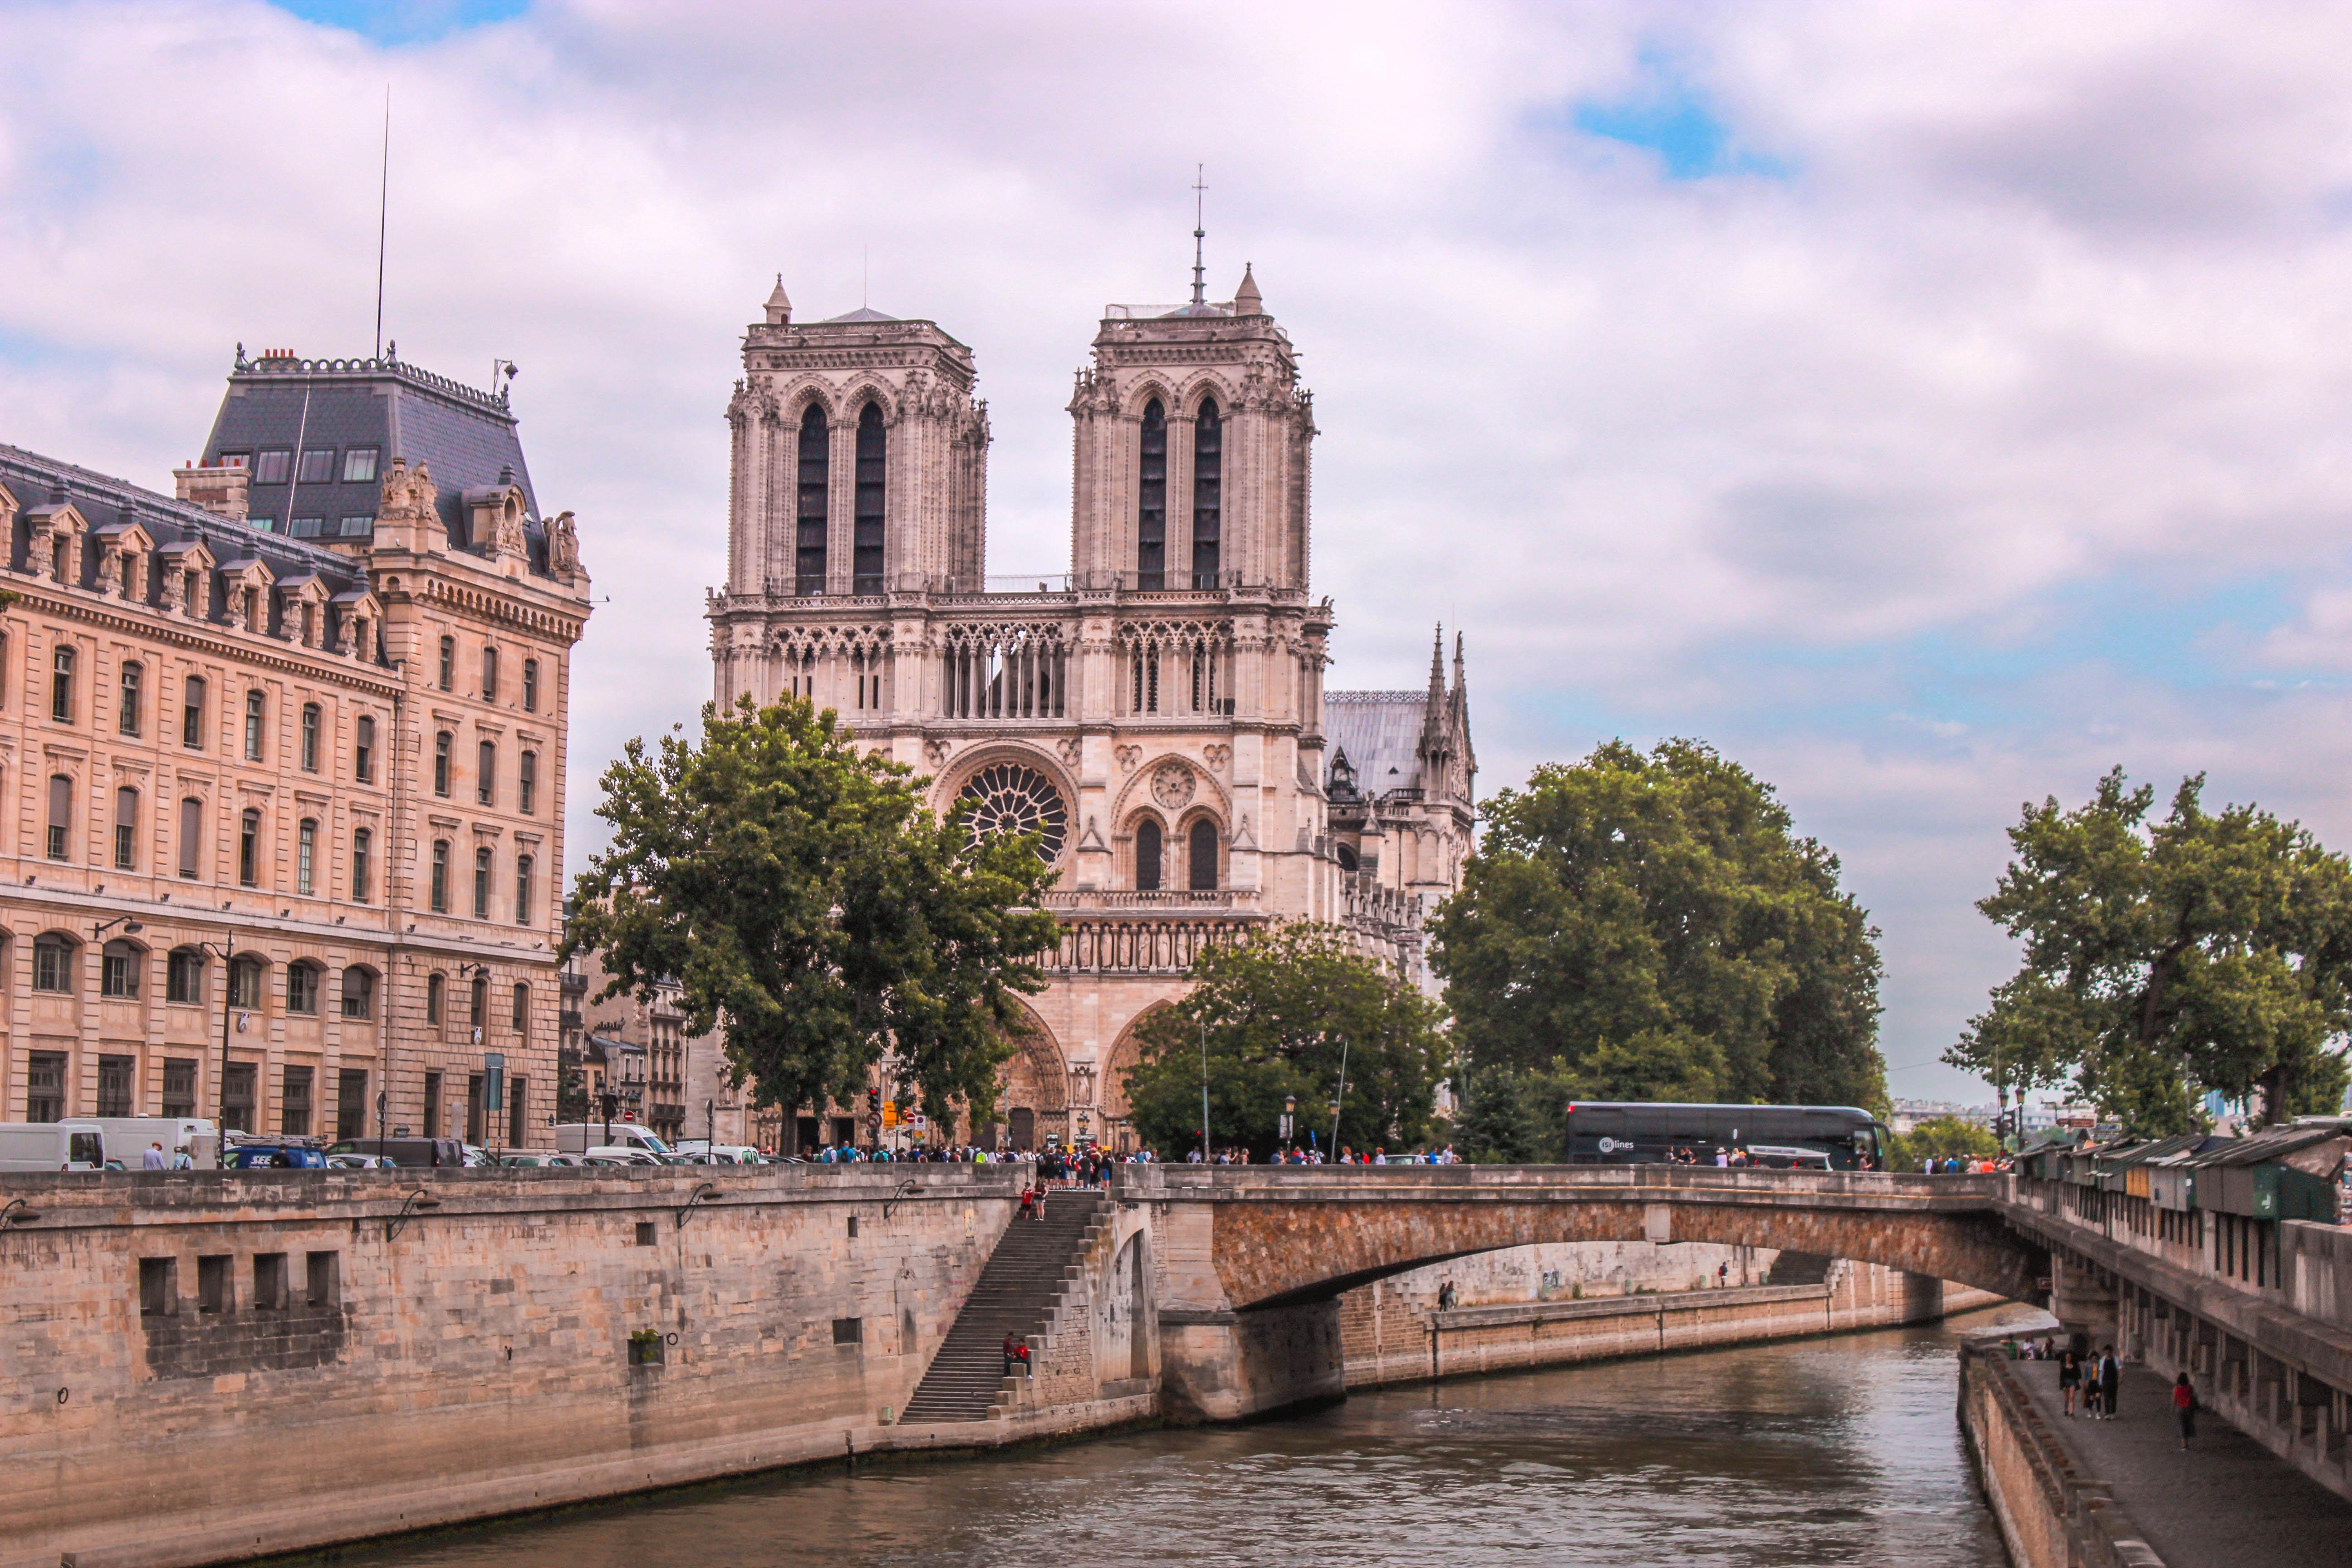 Plus de 2 millions de $ de dons new-yorkais pour Notre-Dame de Paris